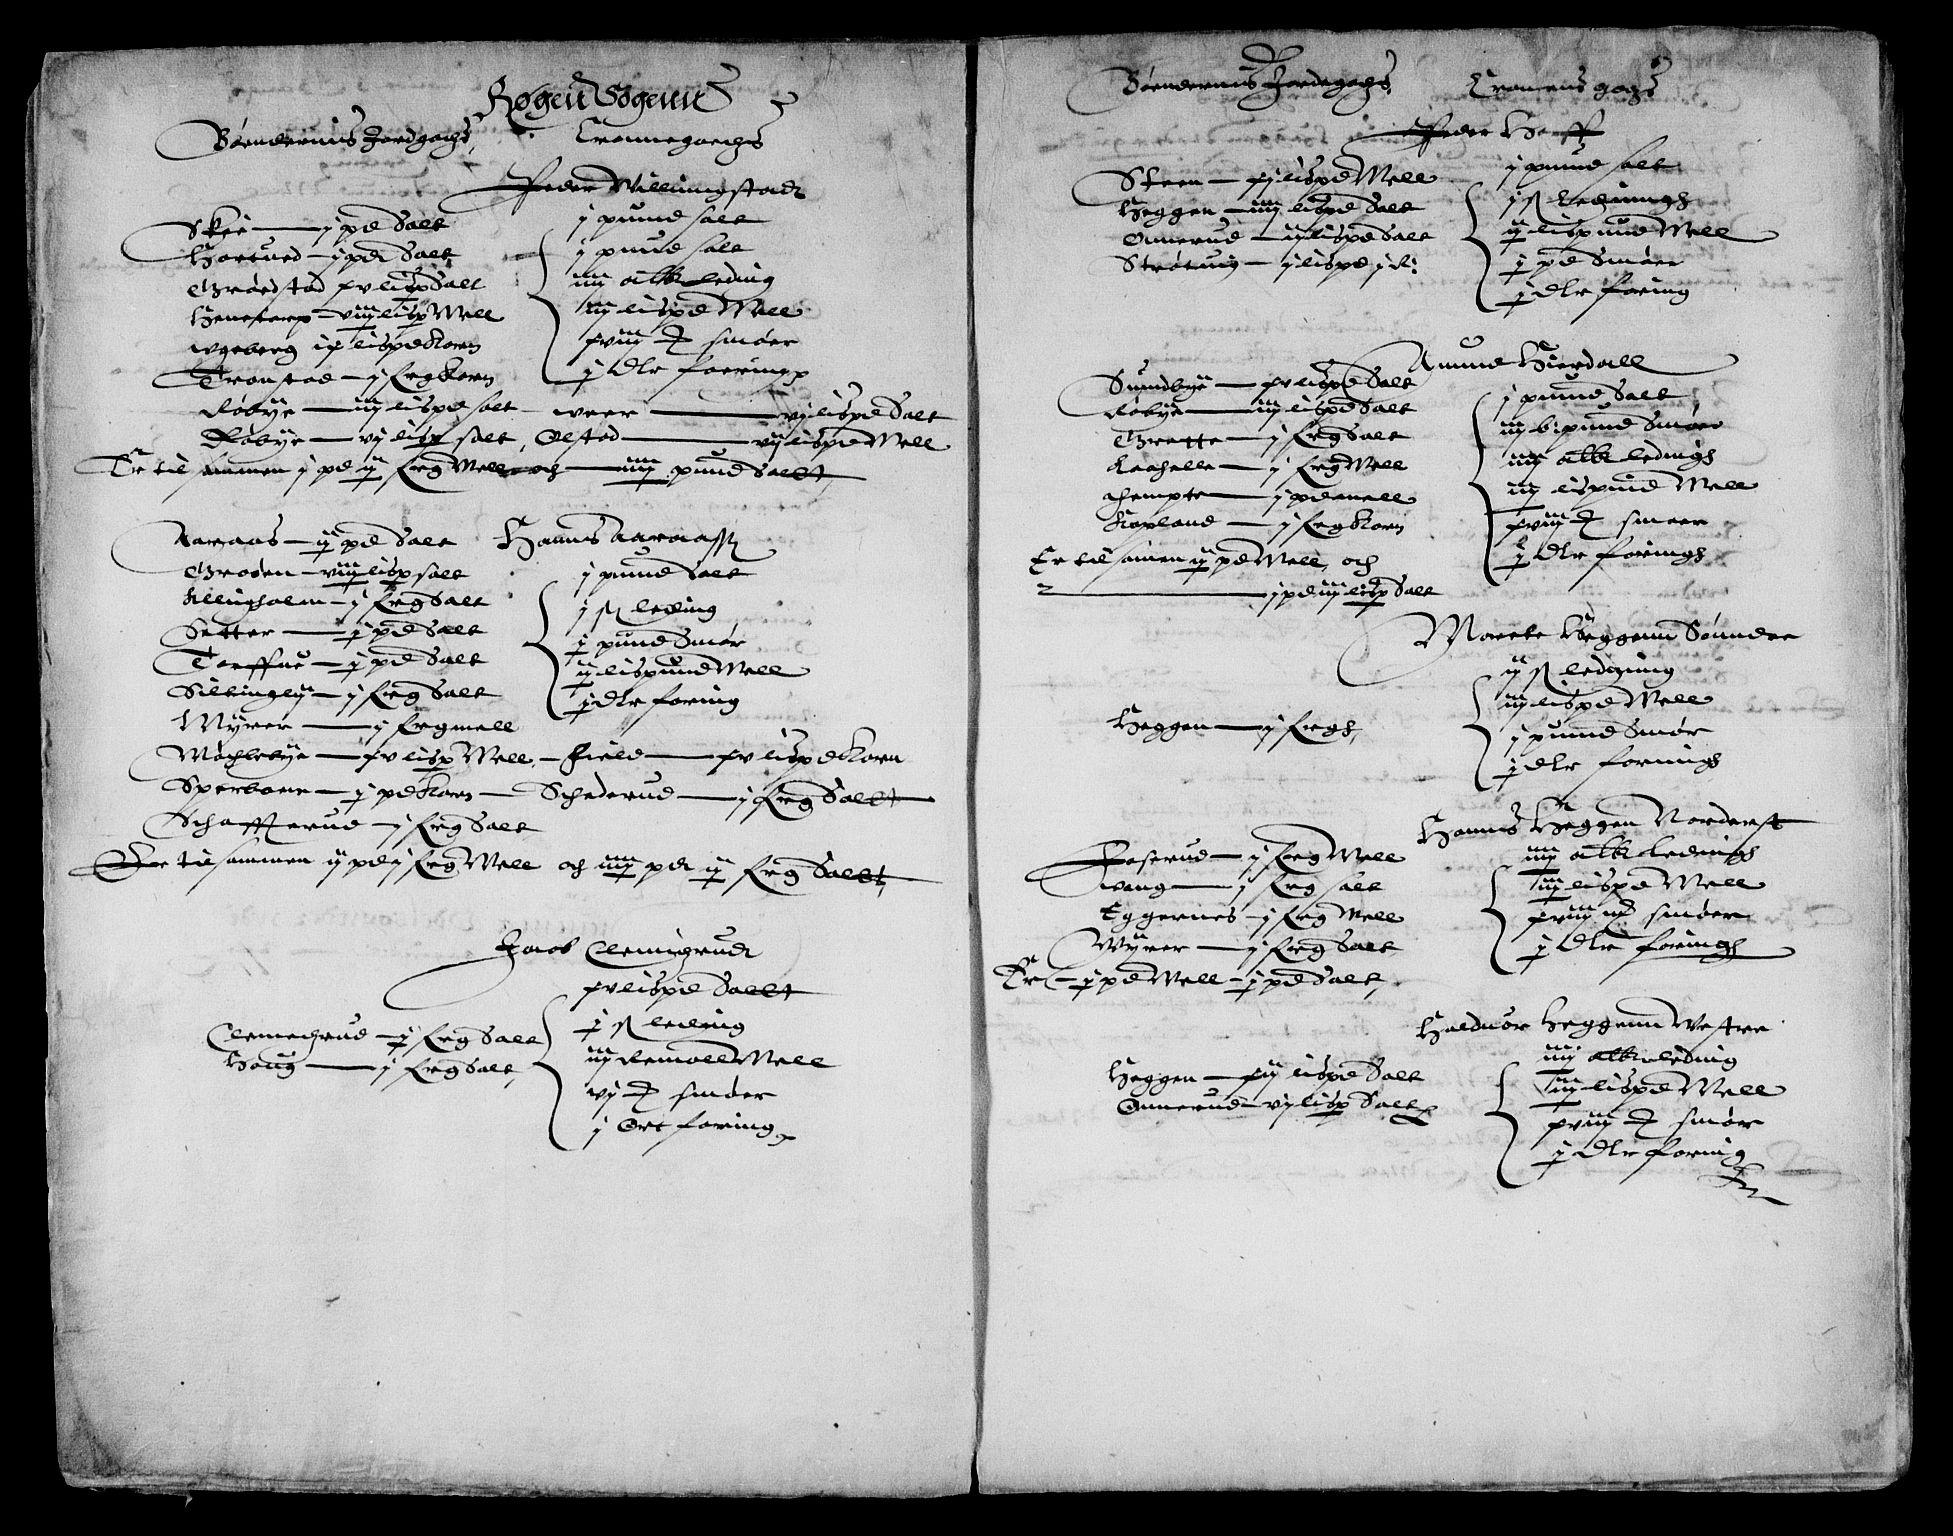 RA, Danske Kanselli, Skapsaker, F/L0038: Skap 9, pakke 324-350, 1615-1721, s. 201